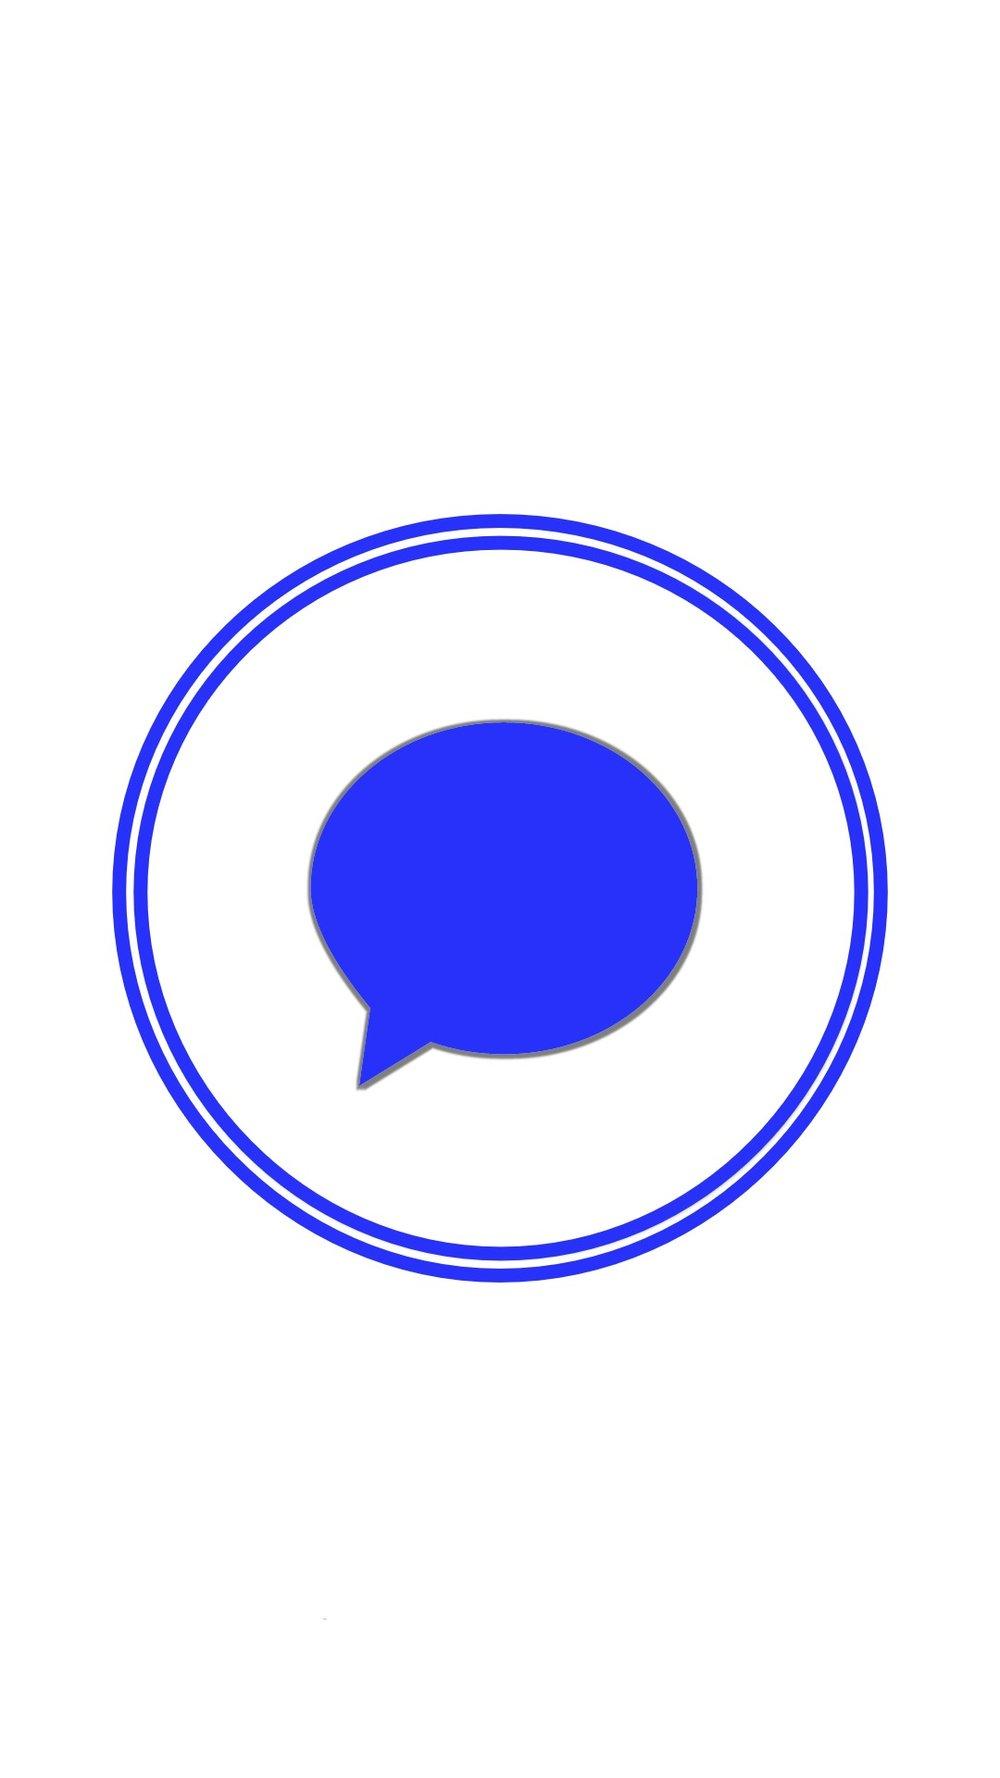 Instagram-cover-chat-bluewhite.jpg